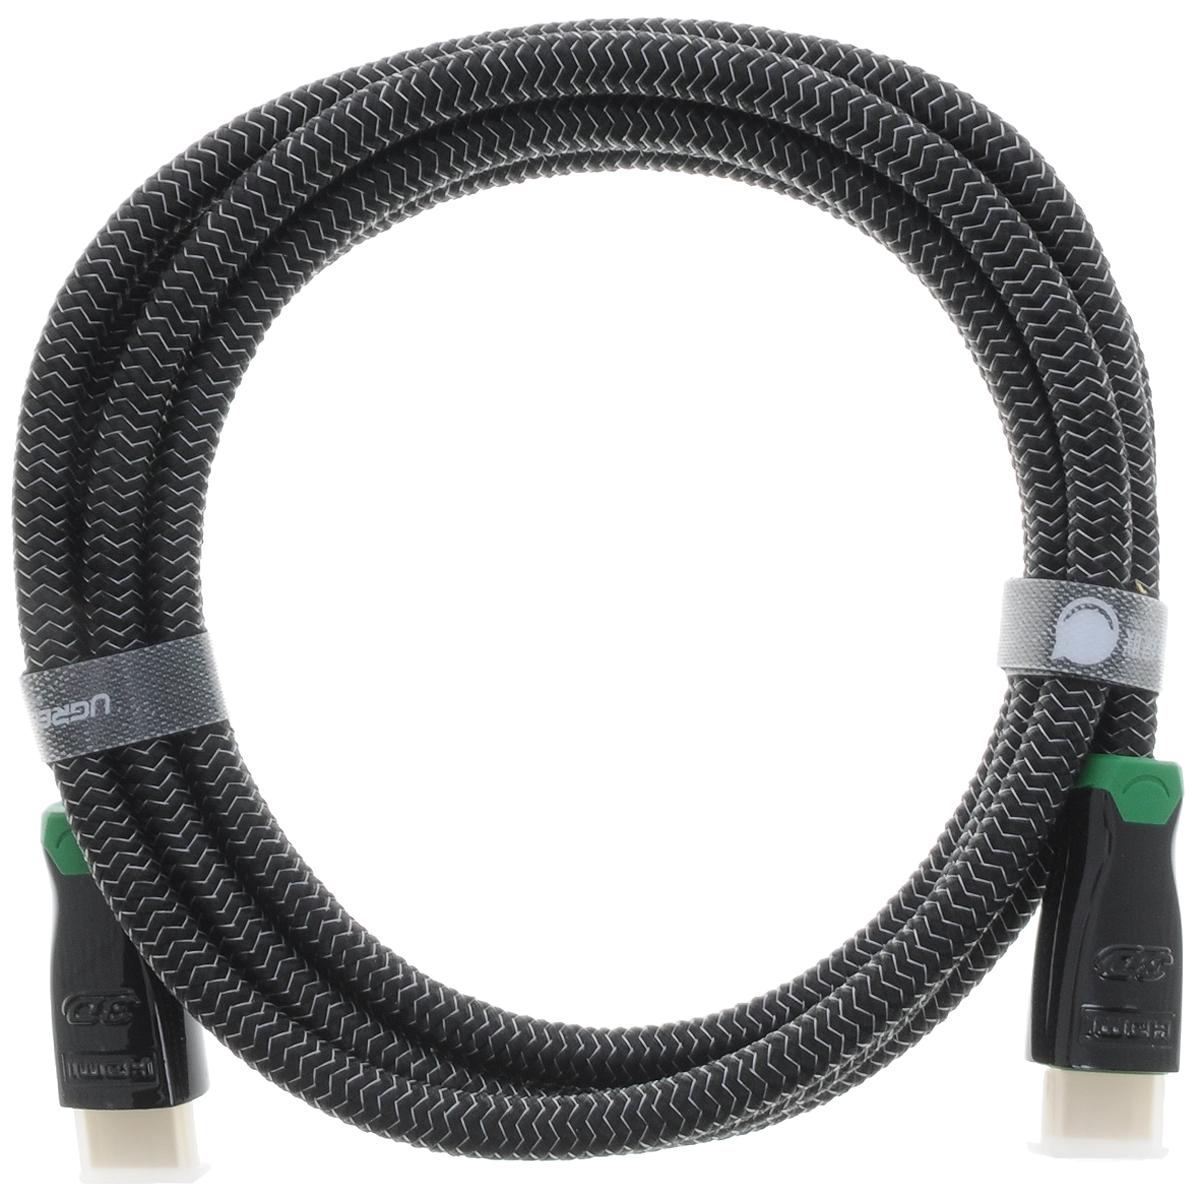 Ugreen UG-10292, Black Green кабель HDMI 2 мUG-10292Кабель HDMI Ugreen UG-10292 предназначается для передачи цифровых видеоданных с высоким разрешением и многоканальных цифровых аудиосигналов с дальнейшей защитой от копирования. Обеспечение соединения при помощи разъема HDMI нескольким устройствам делает этот интерфейс незаменимым.Скорость передачи данных до 10,2 Гбит/сТолщина кабеля: 8 ммЭкранирование